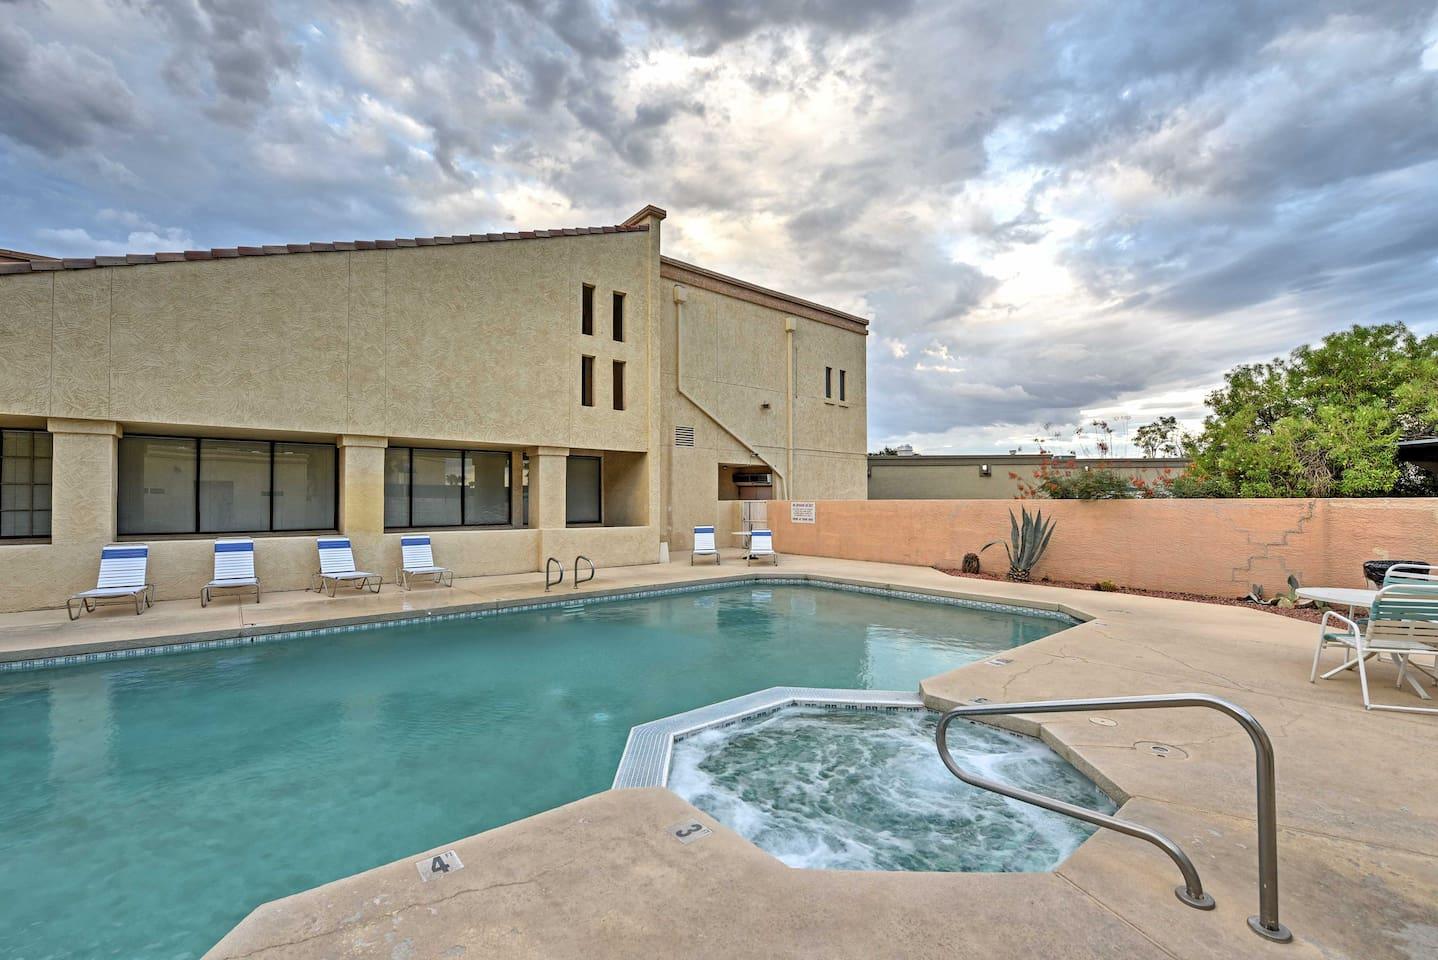 Enjoy this 1-bedroom, 1-bathroom vacation rental condo in Surprise.